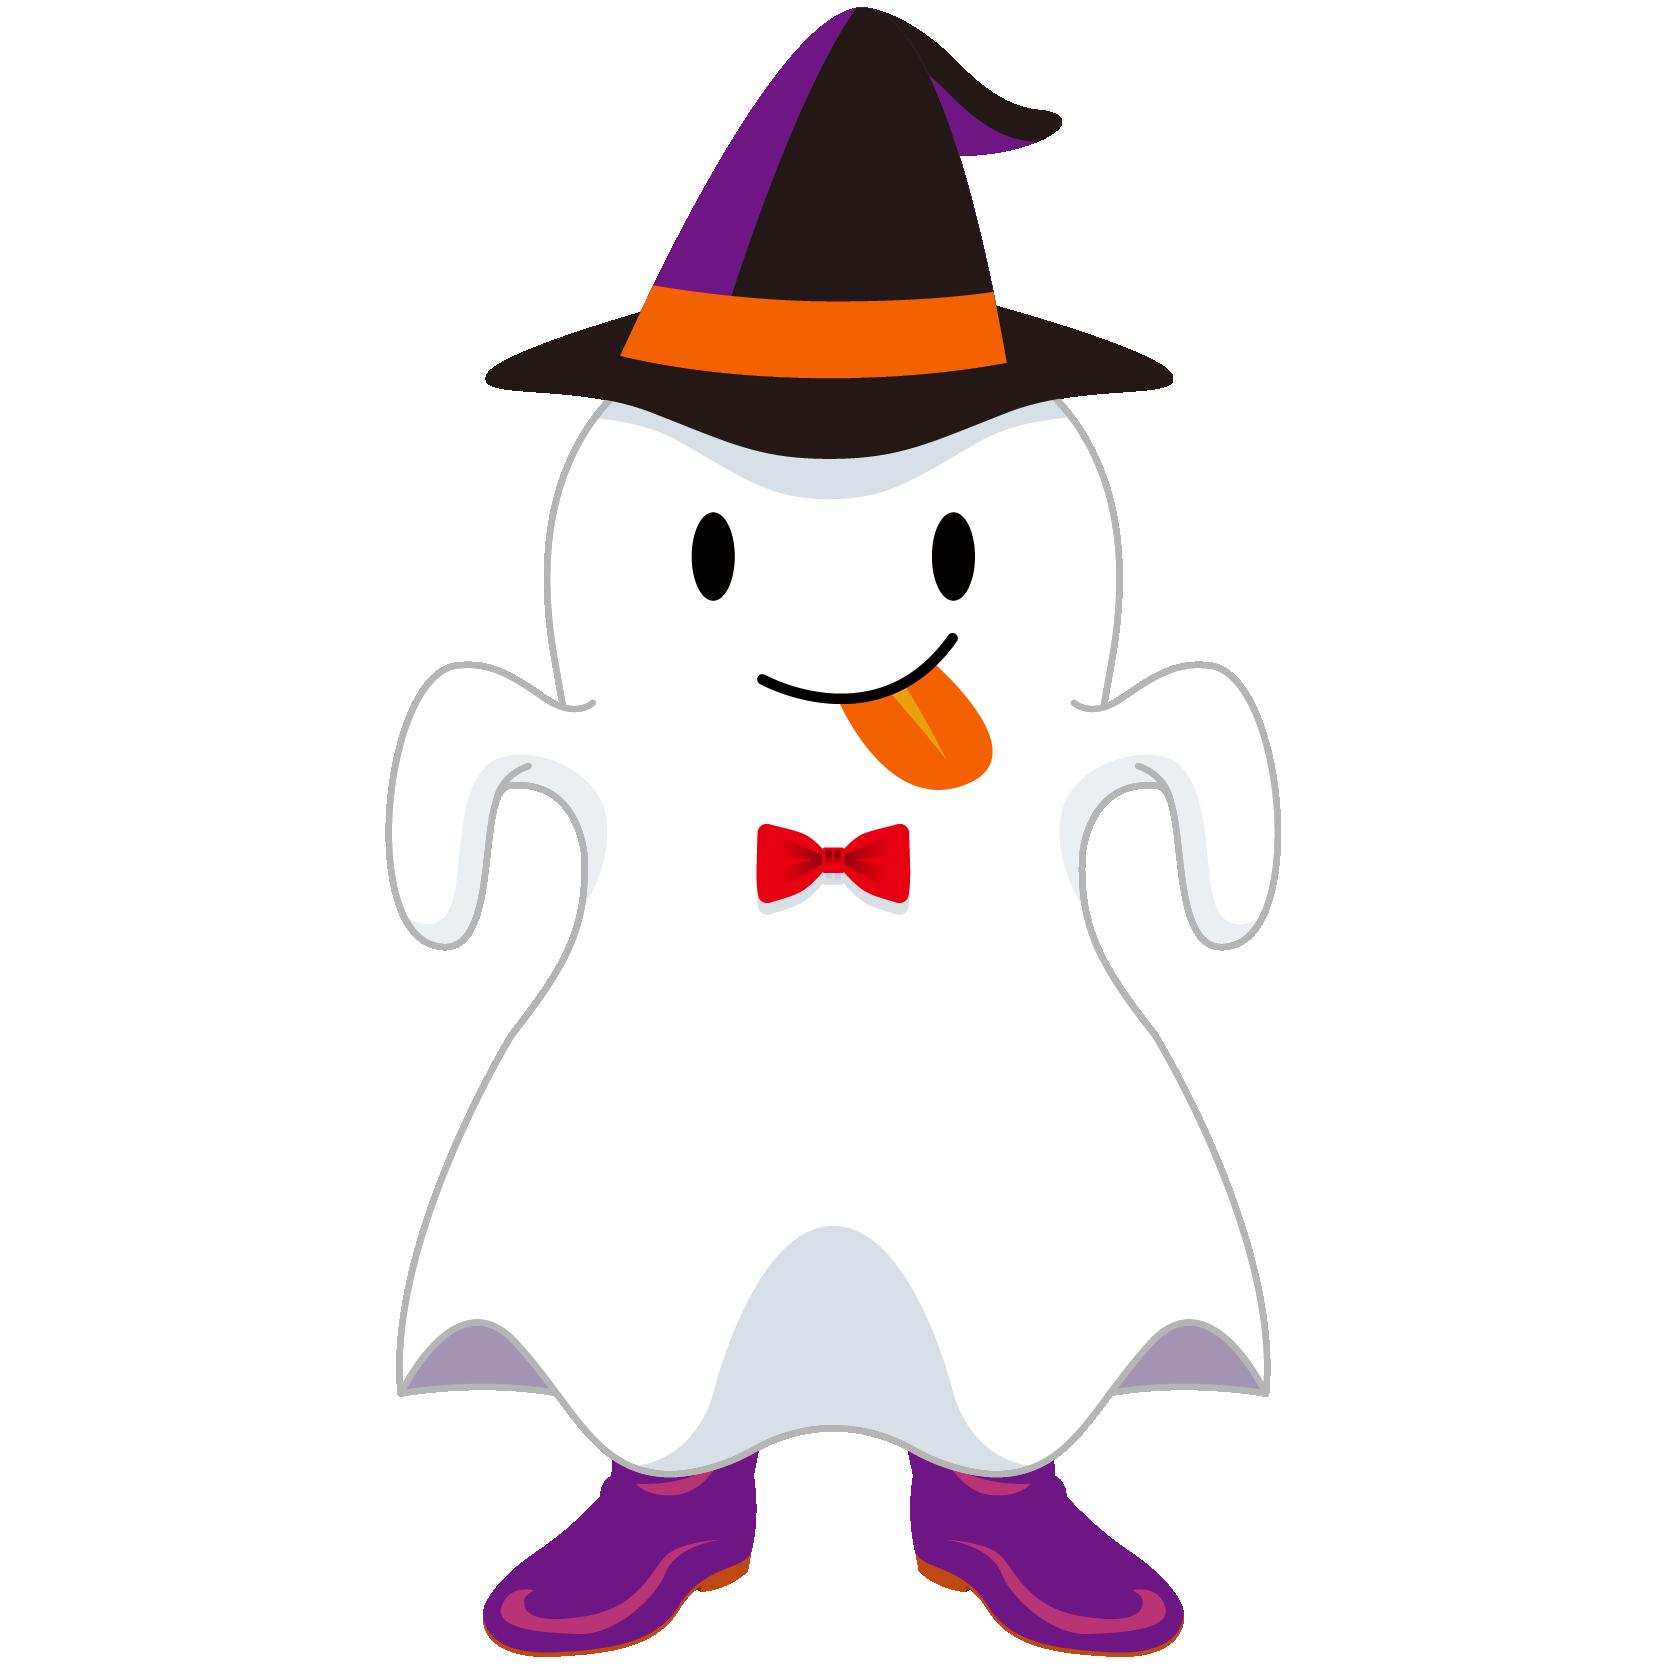 商用フリーイラスト_無料_10月_ハロウィン_おばけ_コスプレ_halloween_Ghost